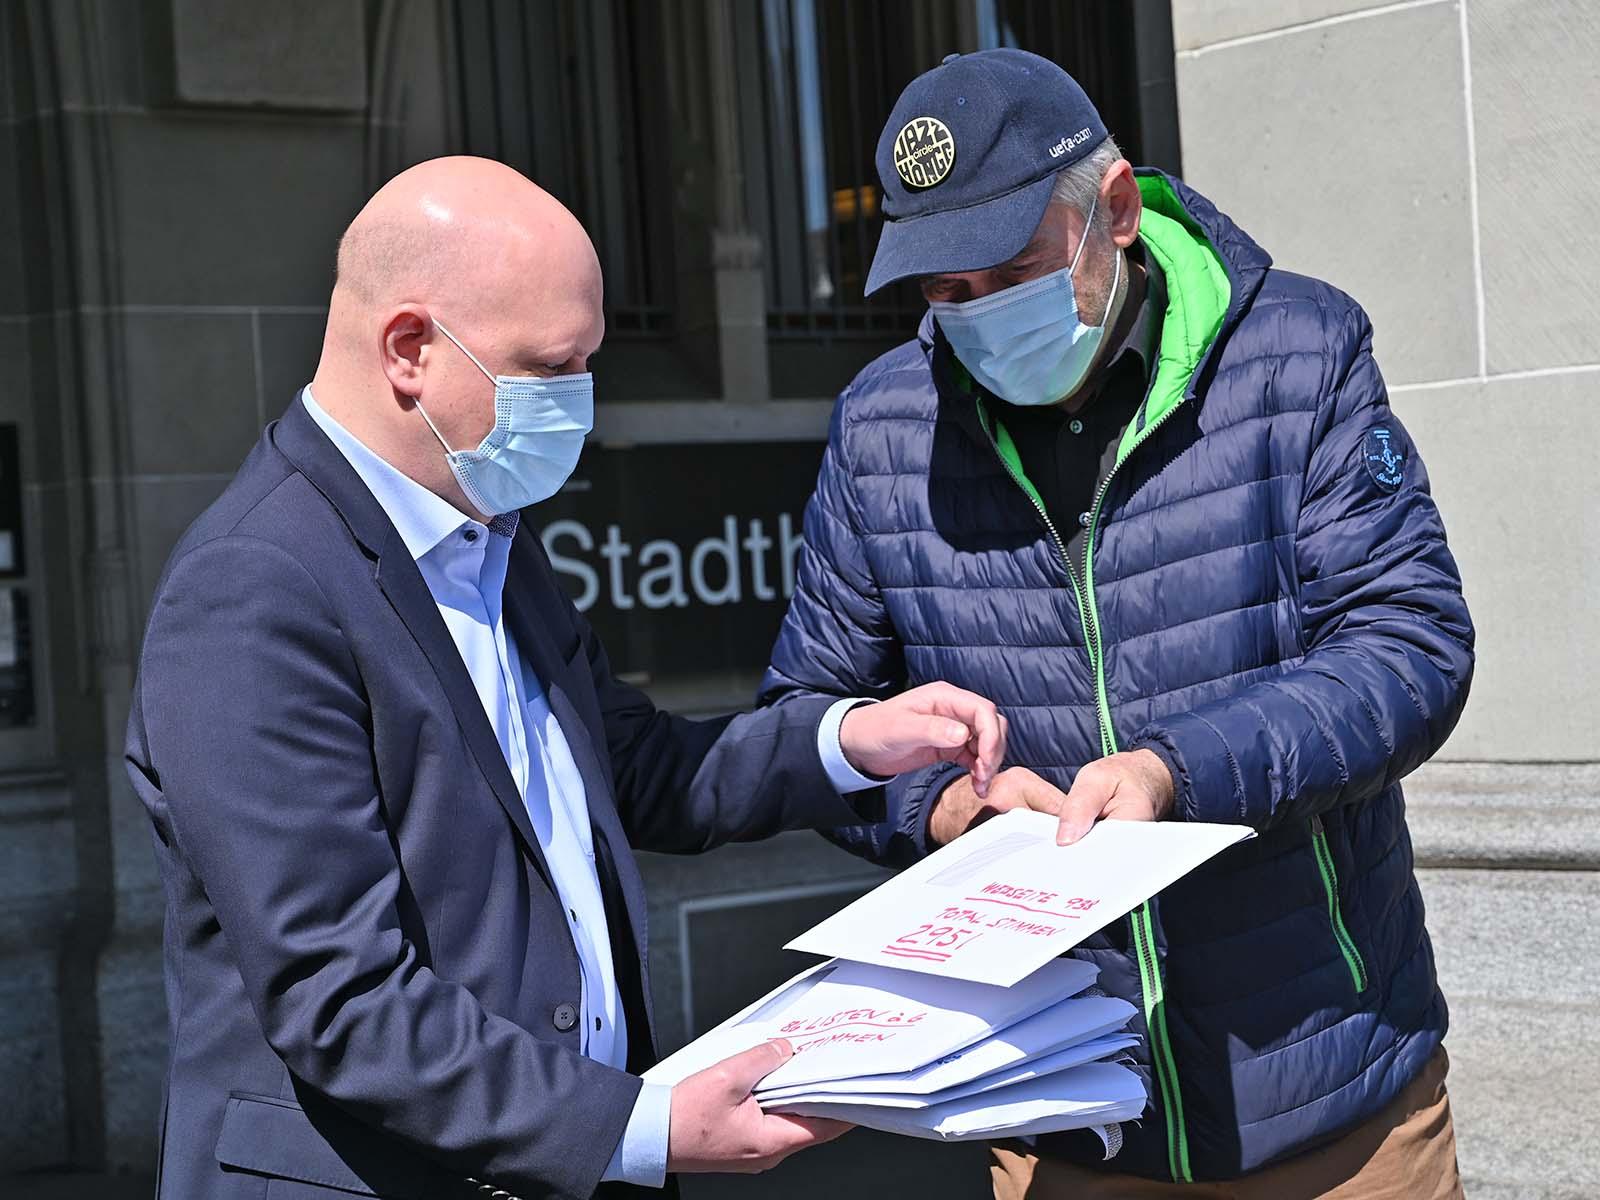 Petitionär Miro Steiner übergibt Stadtrat Baumer das erste Couvert mit einem Teil der gesammelten Unterschriften.